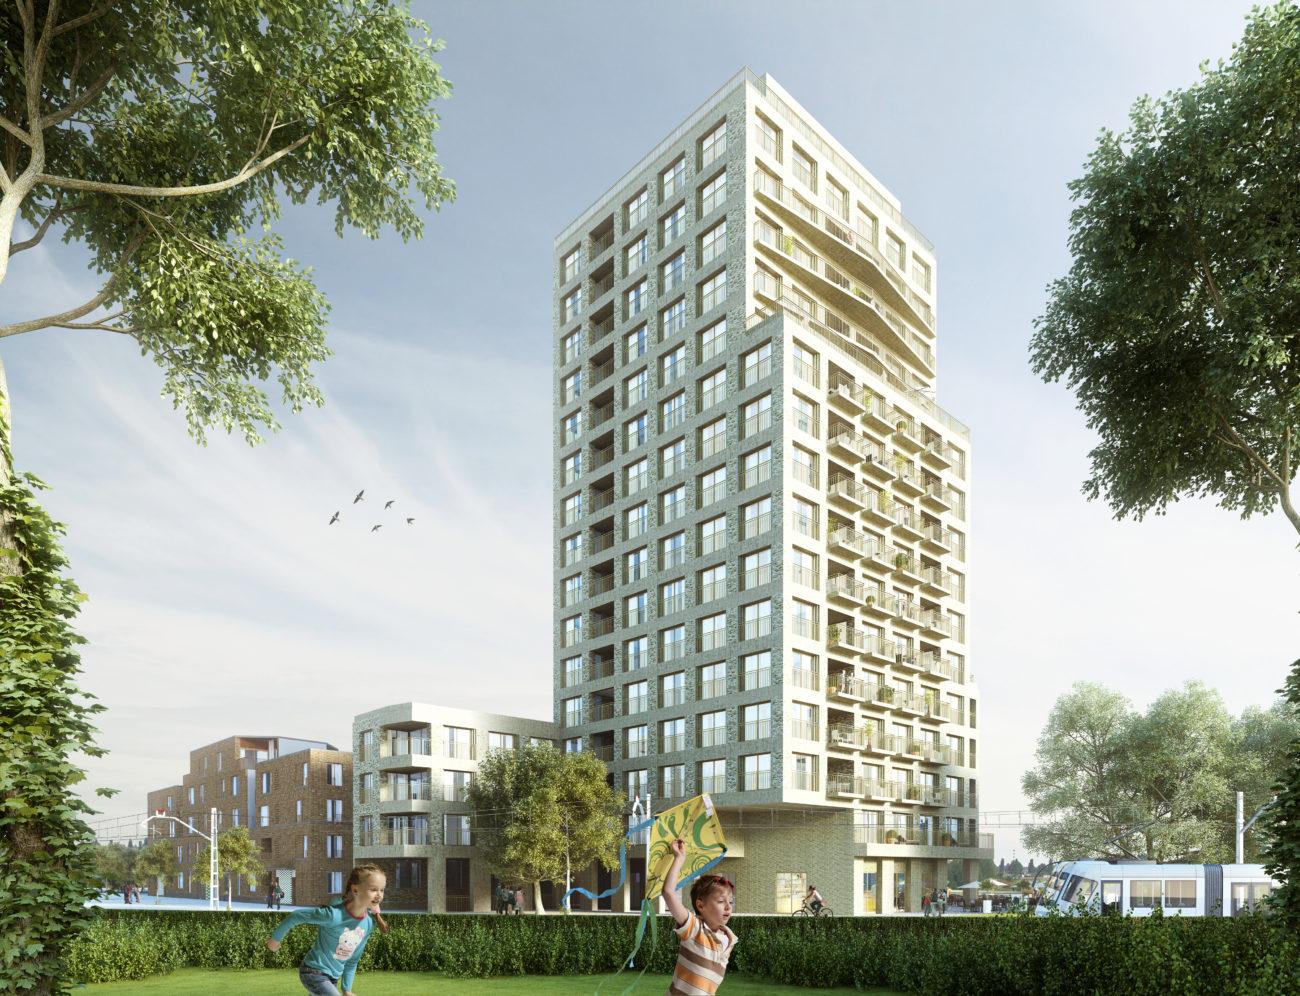 Stapelplein Gent Nieuwbouw appartementen Toren te koop